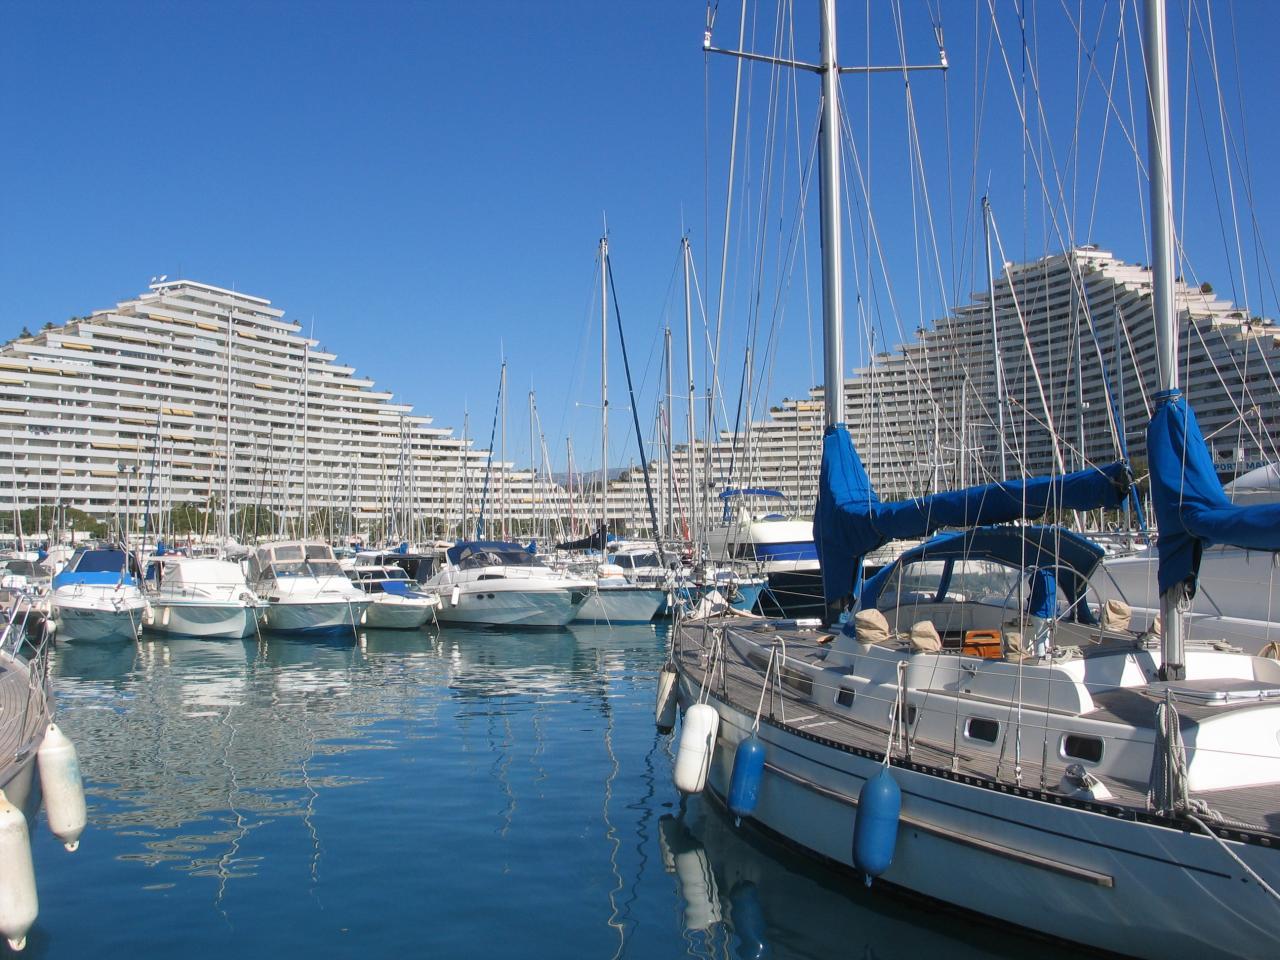 Bleu comme ... Le port des Marinas de Villeneuve Loubet